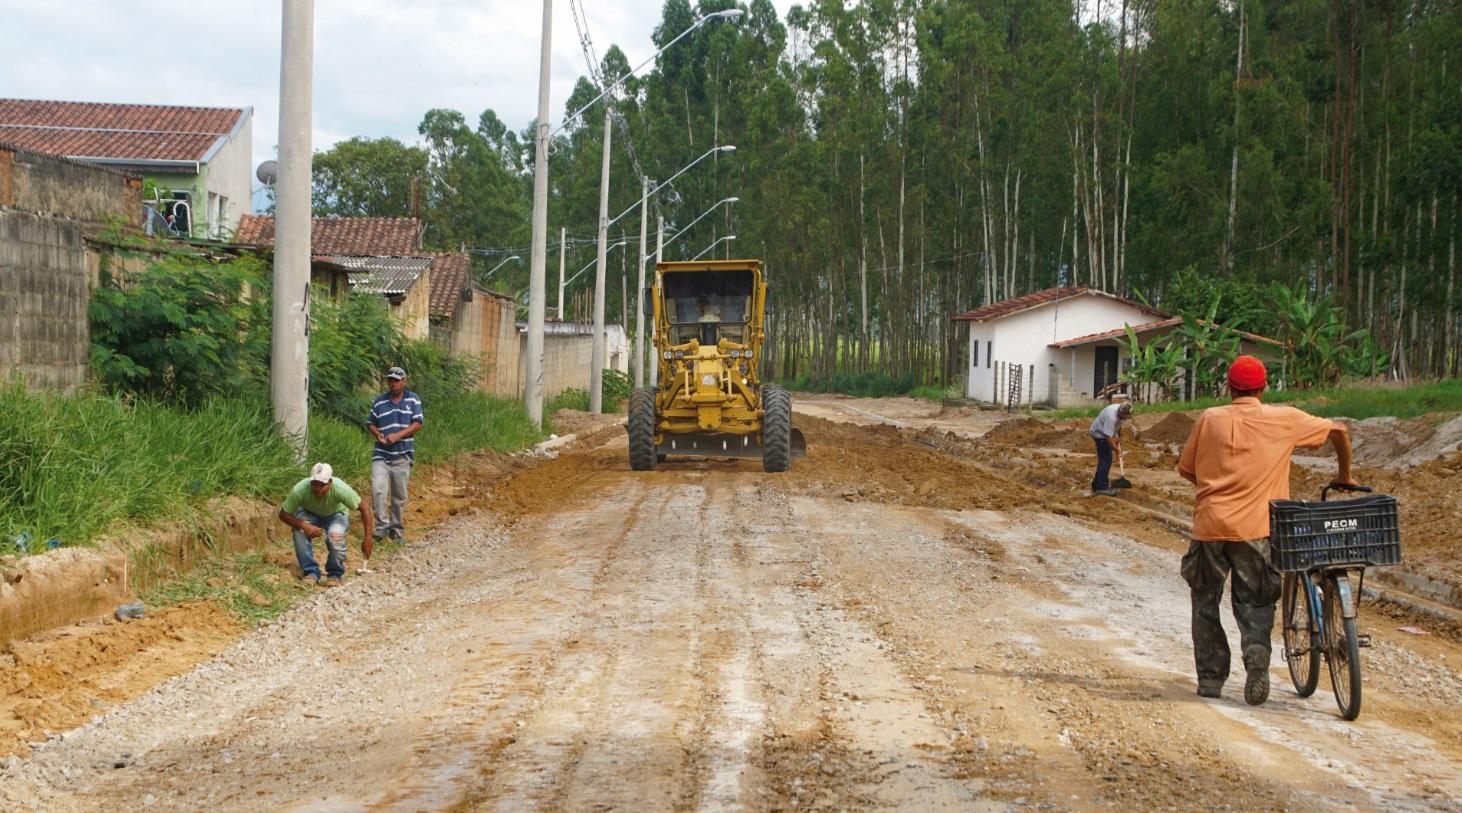 Pavimentação vai melhorar acesso ao empreendimento e beneficiará também os moradores do entorno